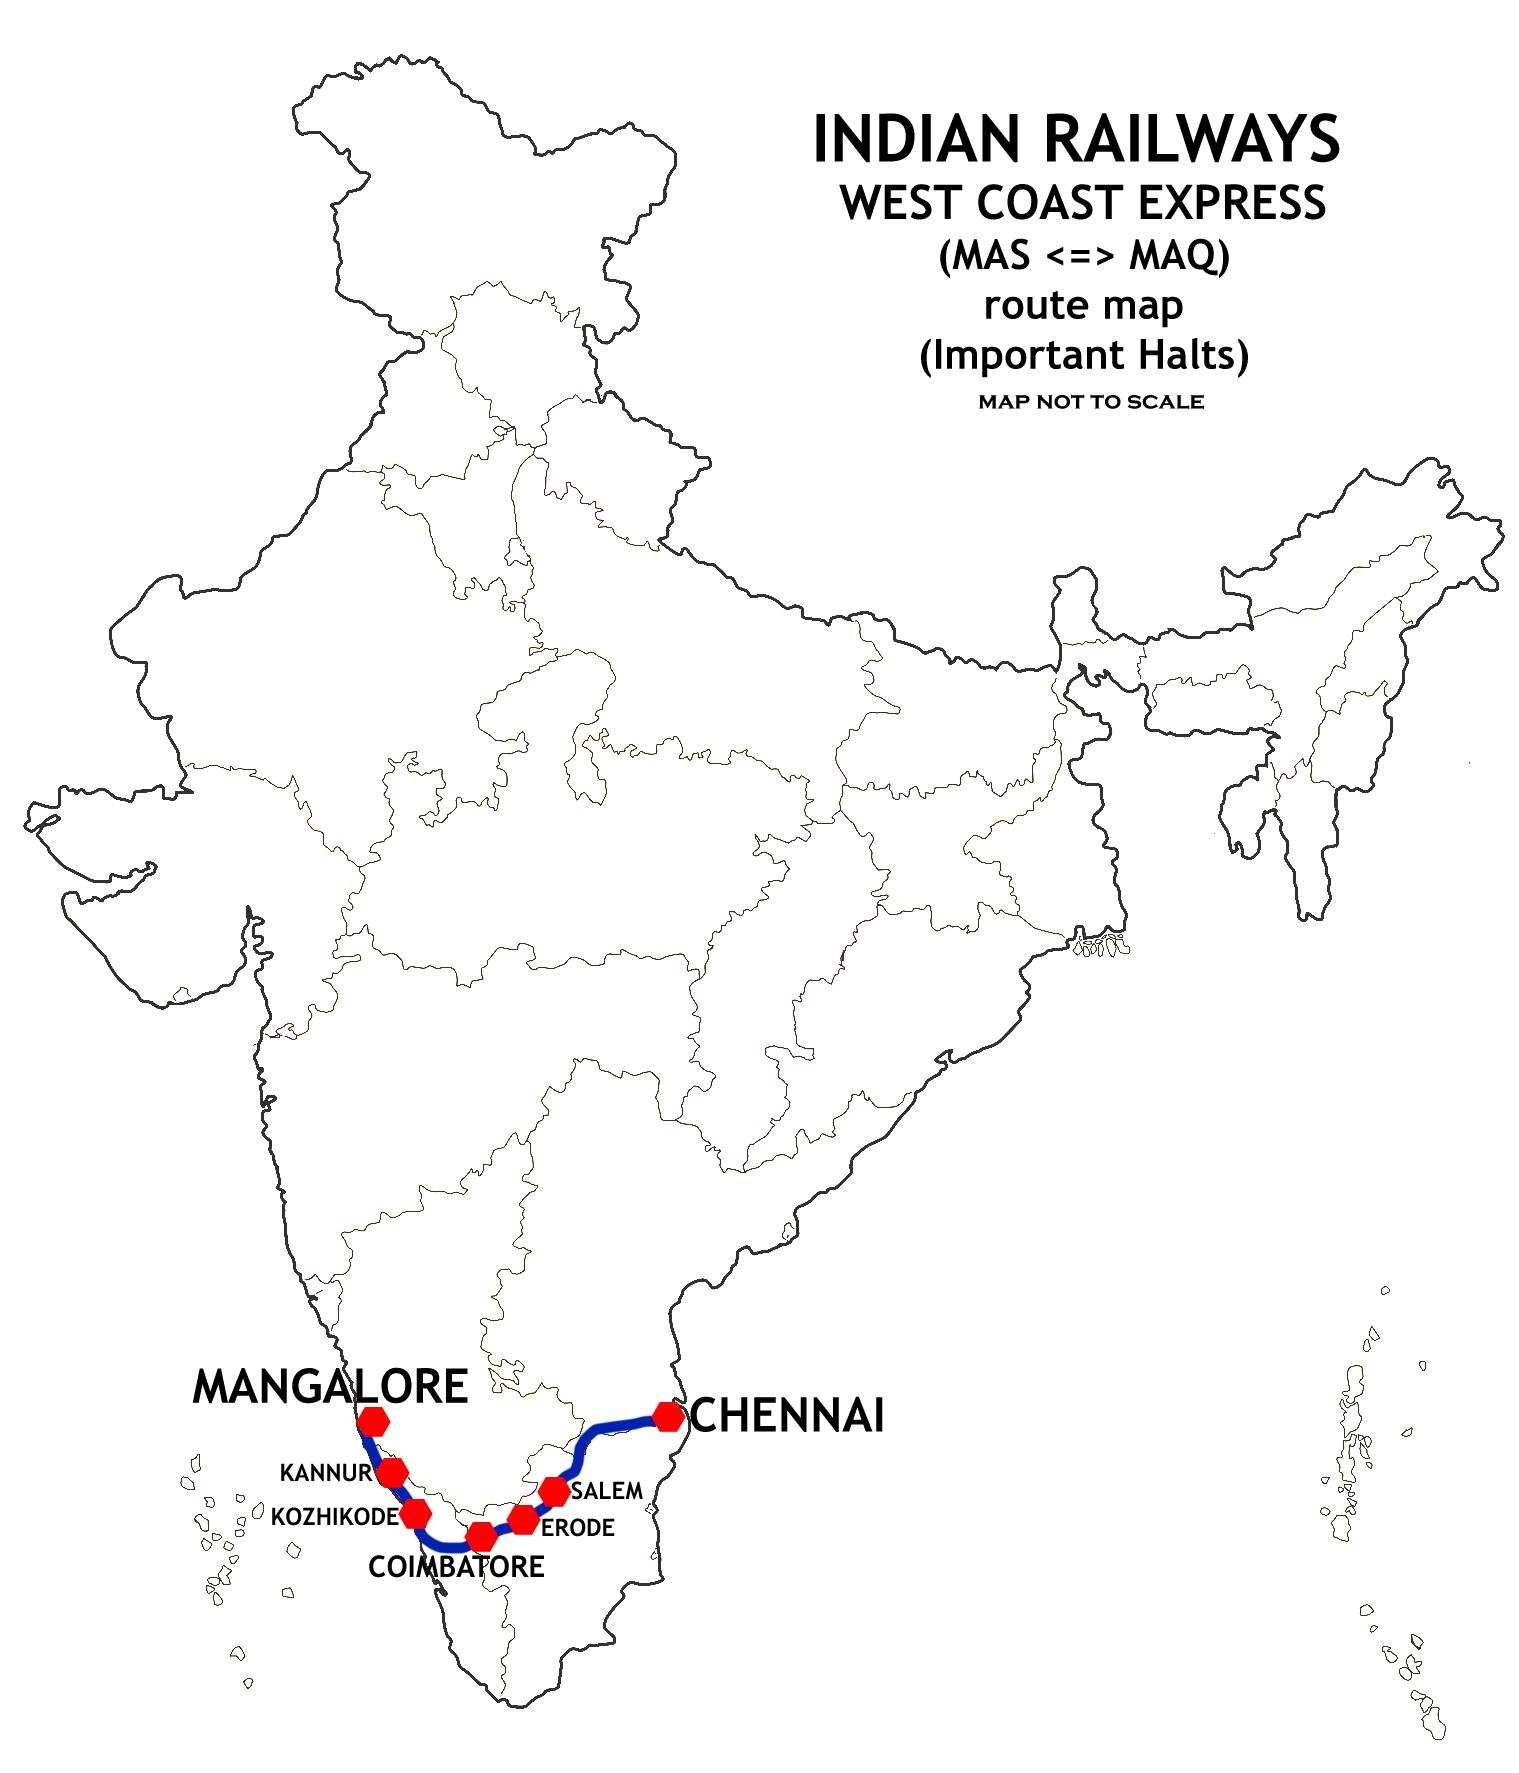 Mangalore Mail - Wikipedia on